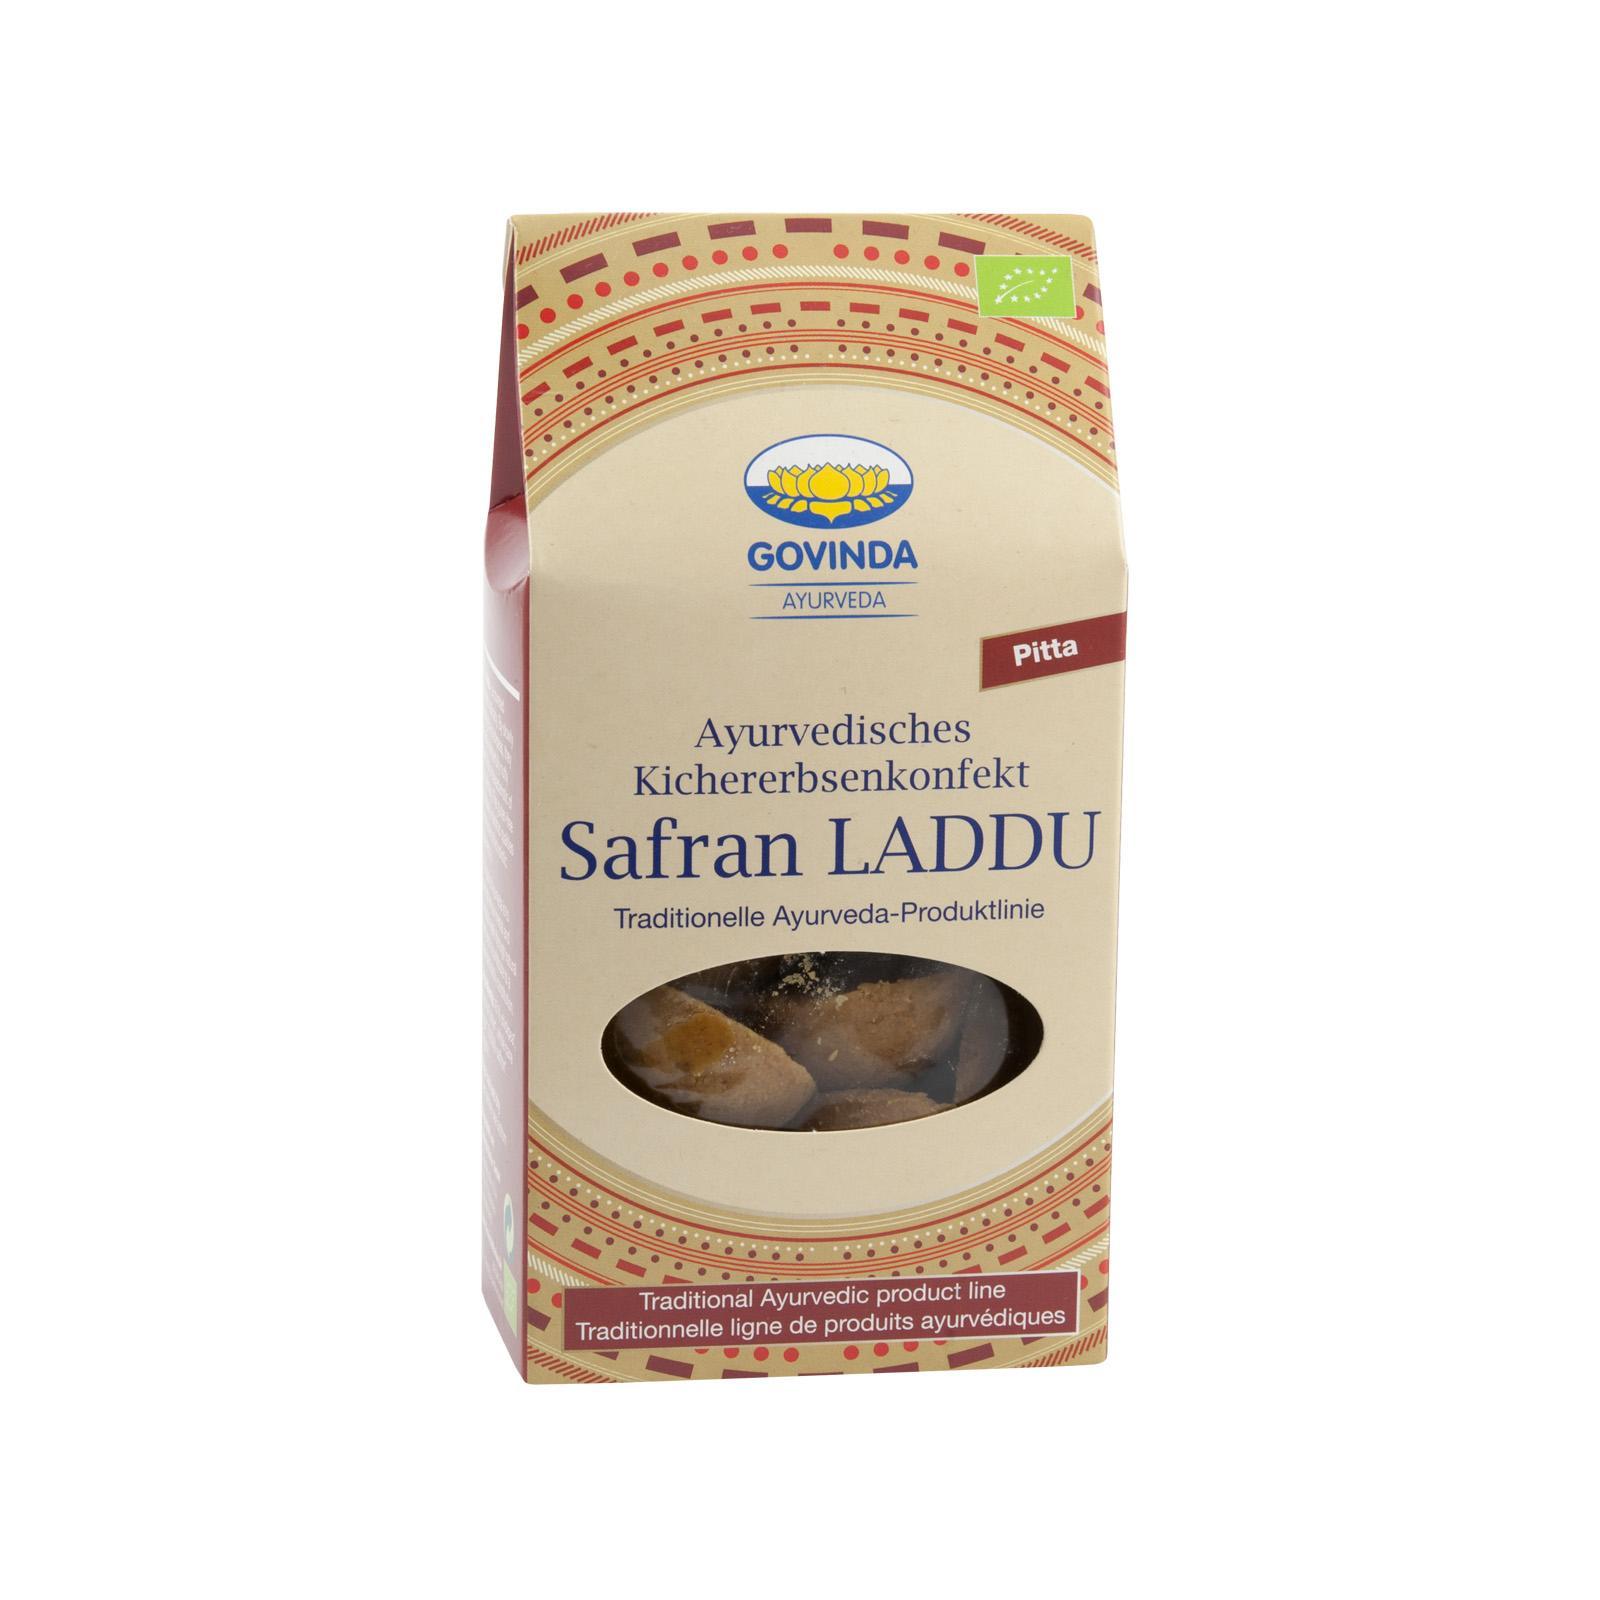 Govinda Ajurvédské cukroví Laddu se šafránem, Pitta, Bio 120 g